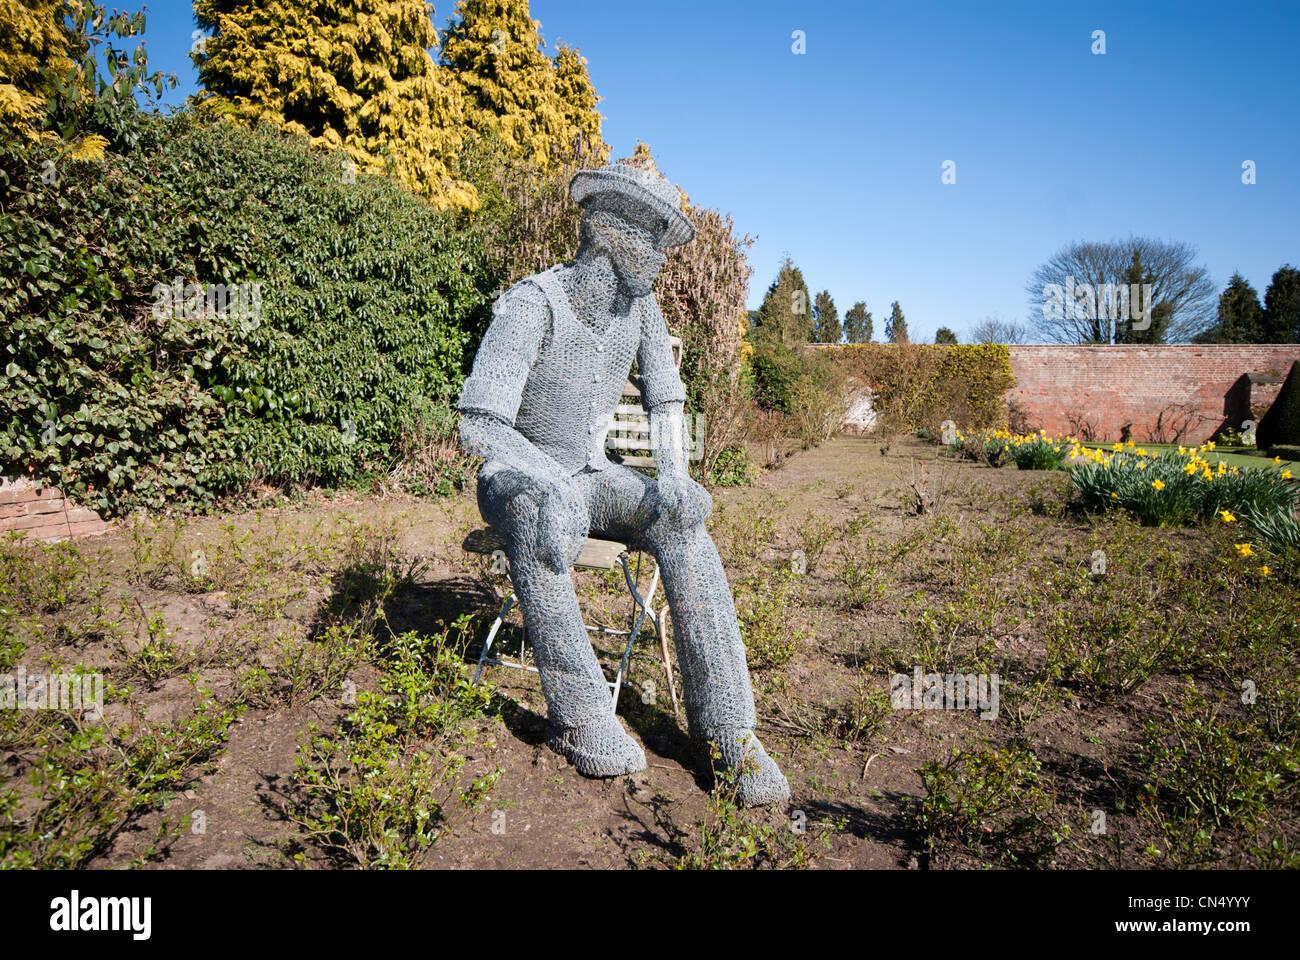 Wire Mesh Sculpture Stockfotos & Wire Mesh Sculpture Bilder - Alamy